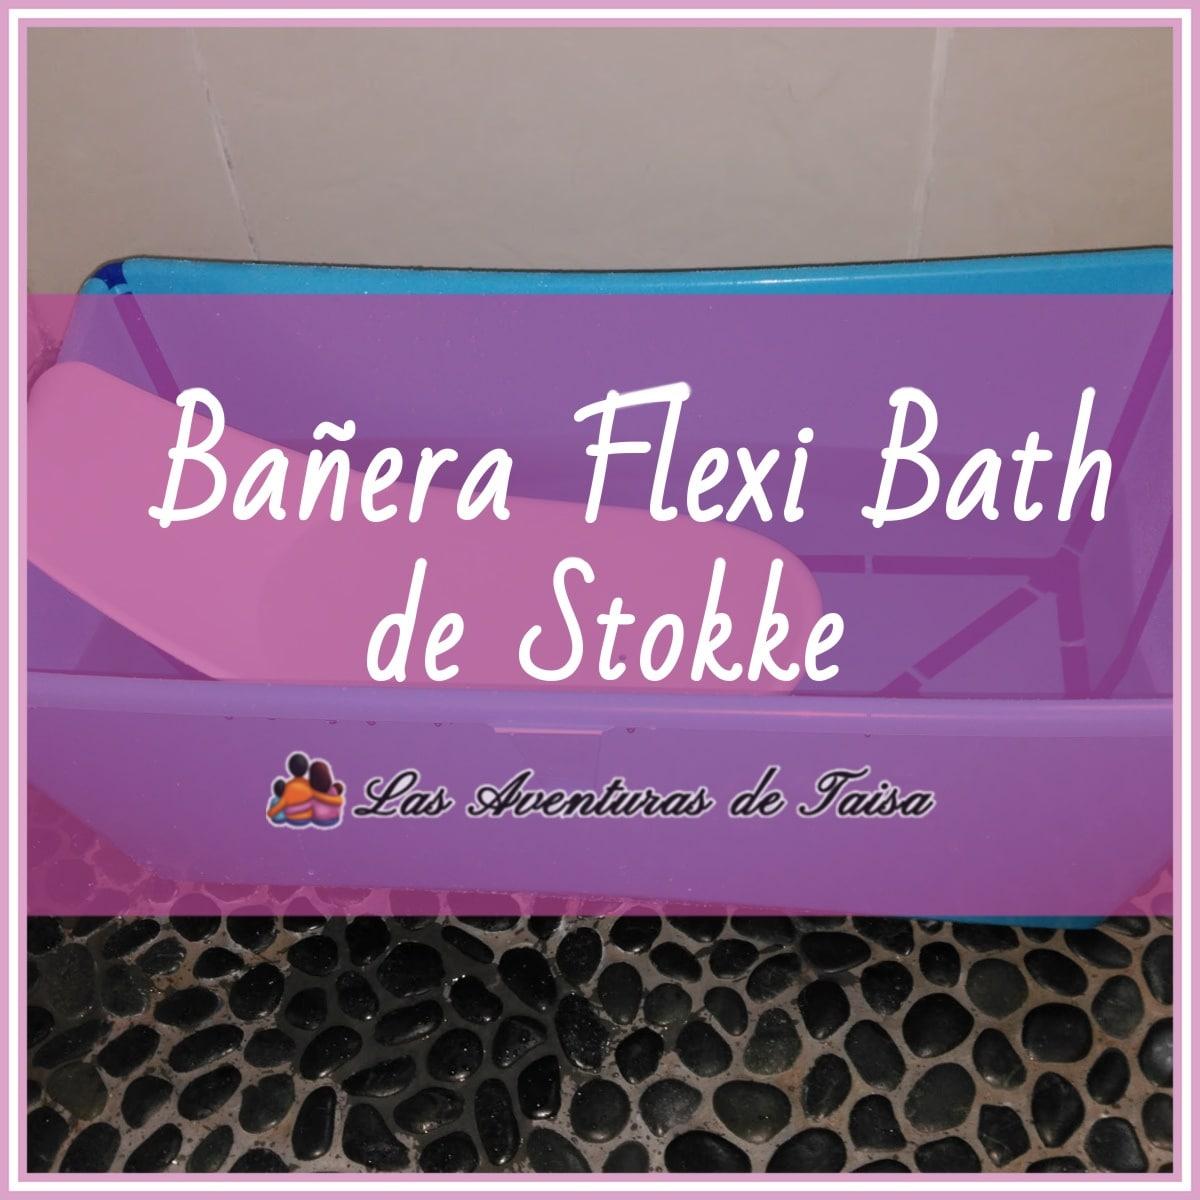 Flexi Bath de Stokke: La mejor Bañera para bebé